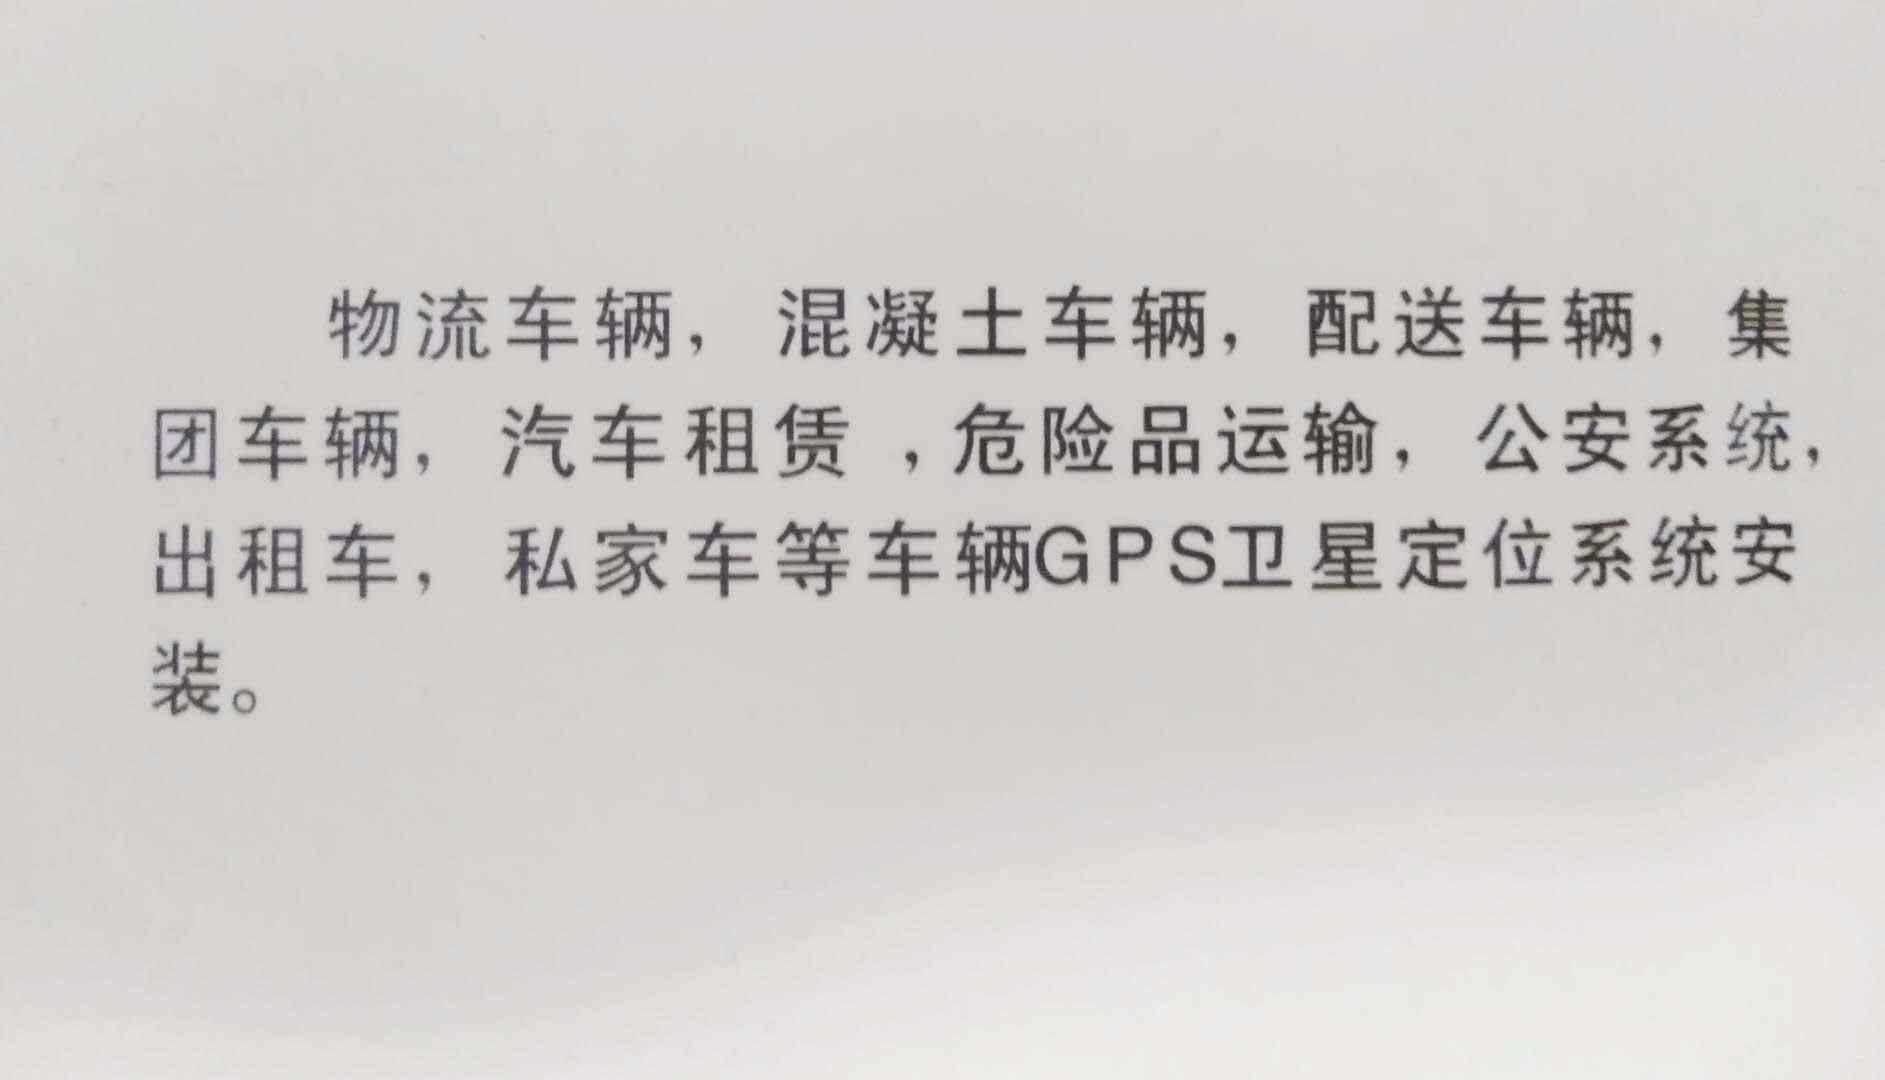 卫星通GPS定位,天津北斗卫星定位导航系统